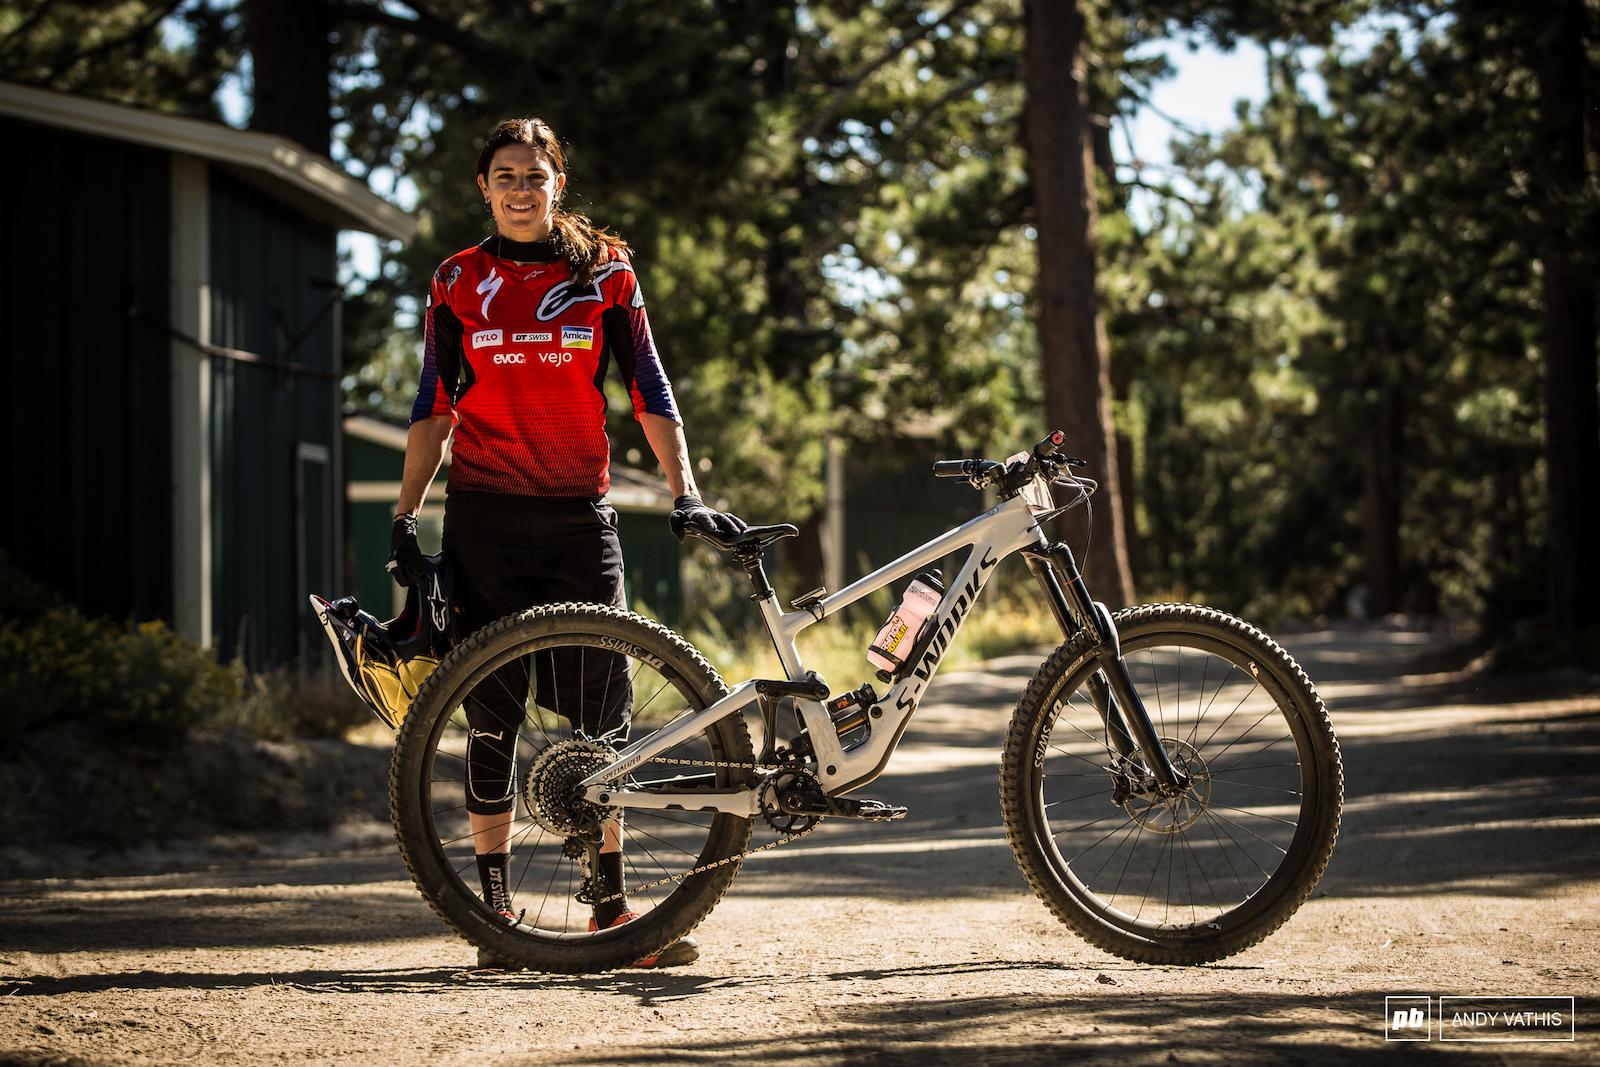 Anneke Beerten with her brand new Enduro.